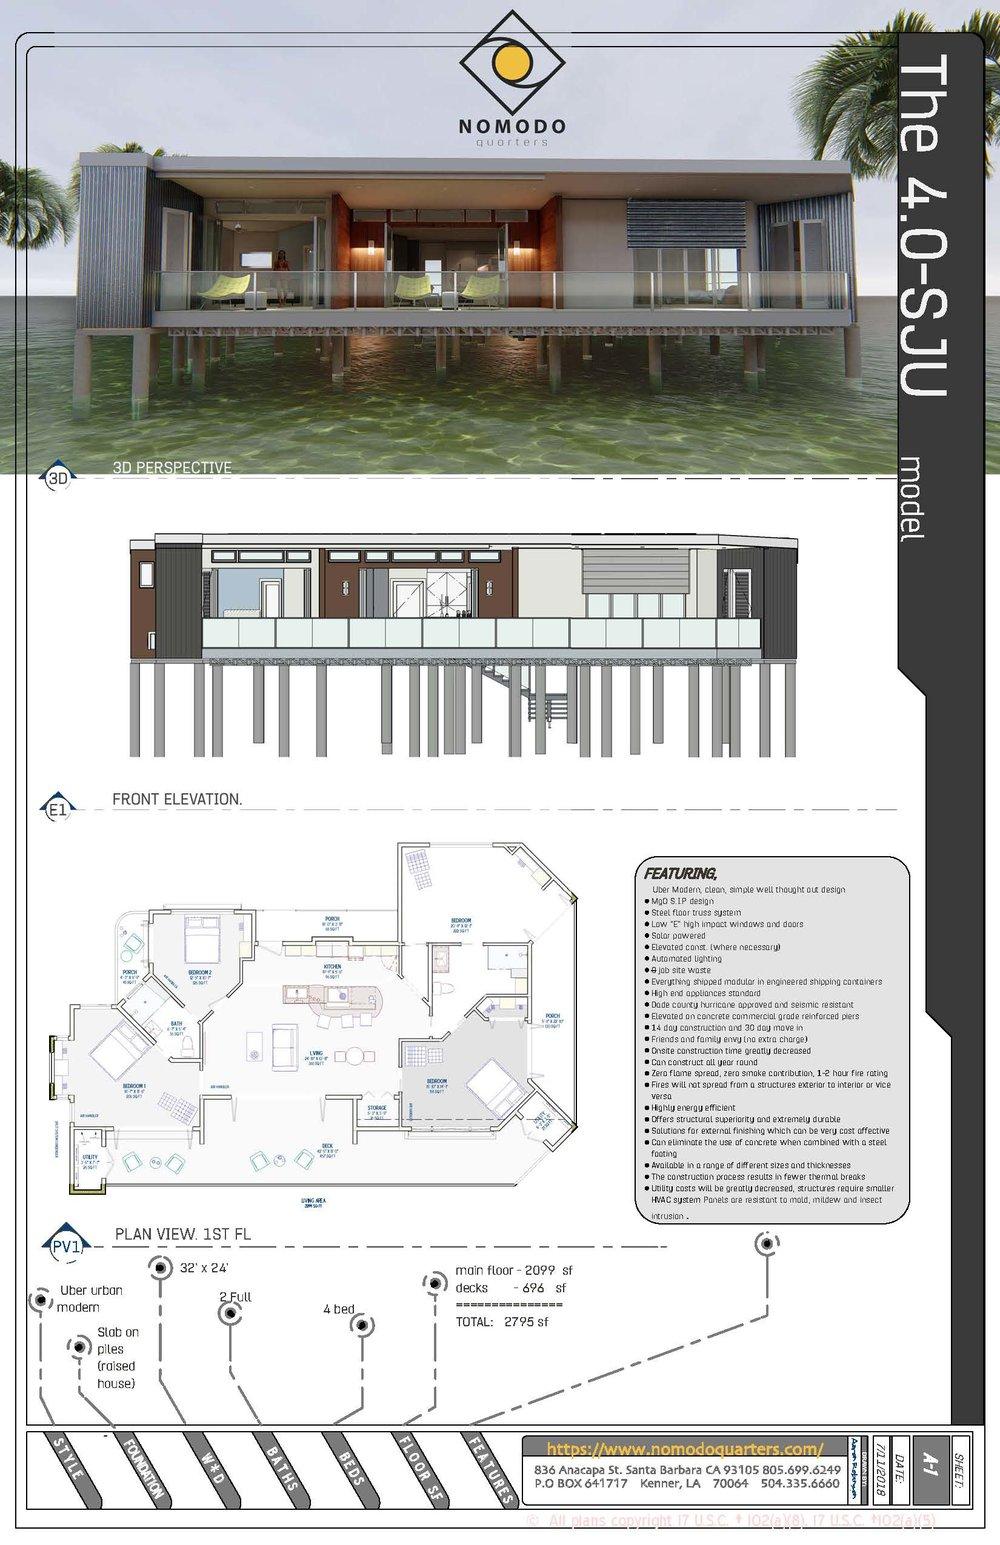 NOMODO 4.0 spec sheet.jpg